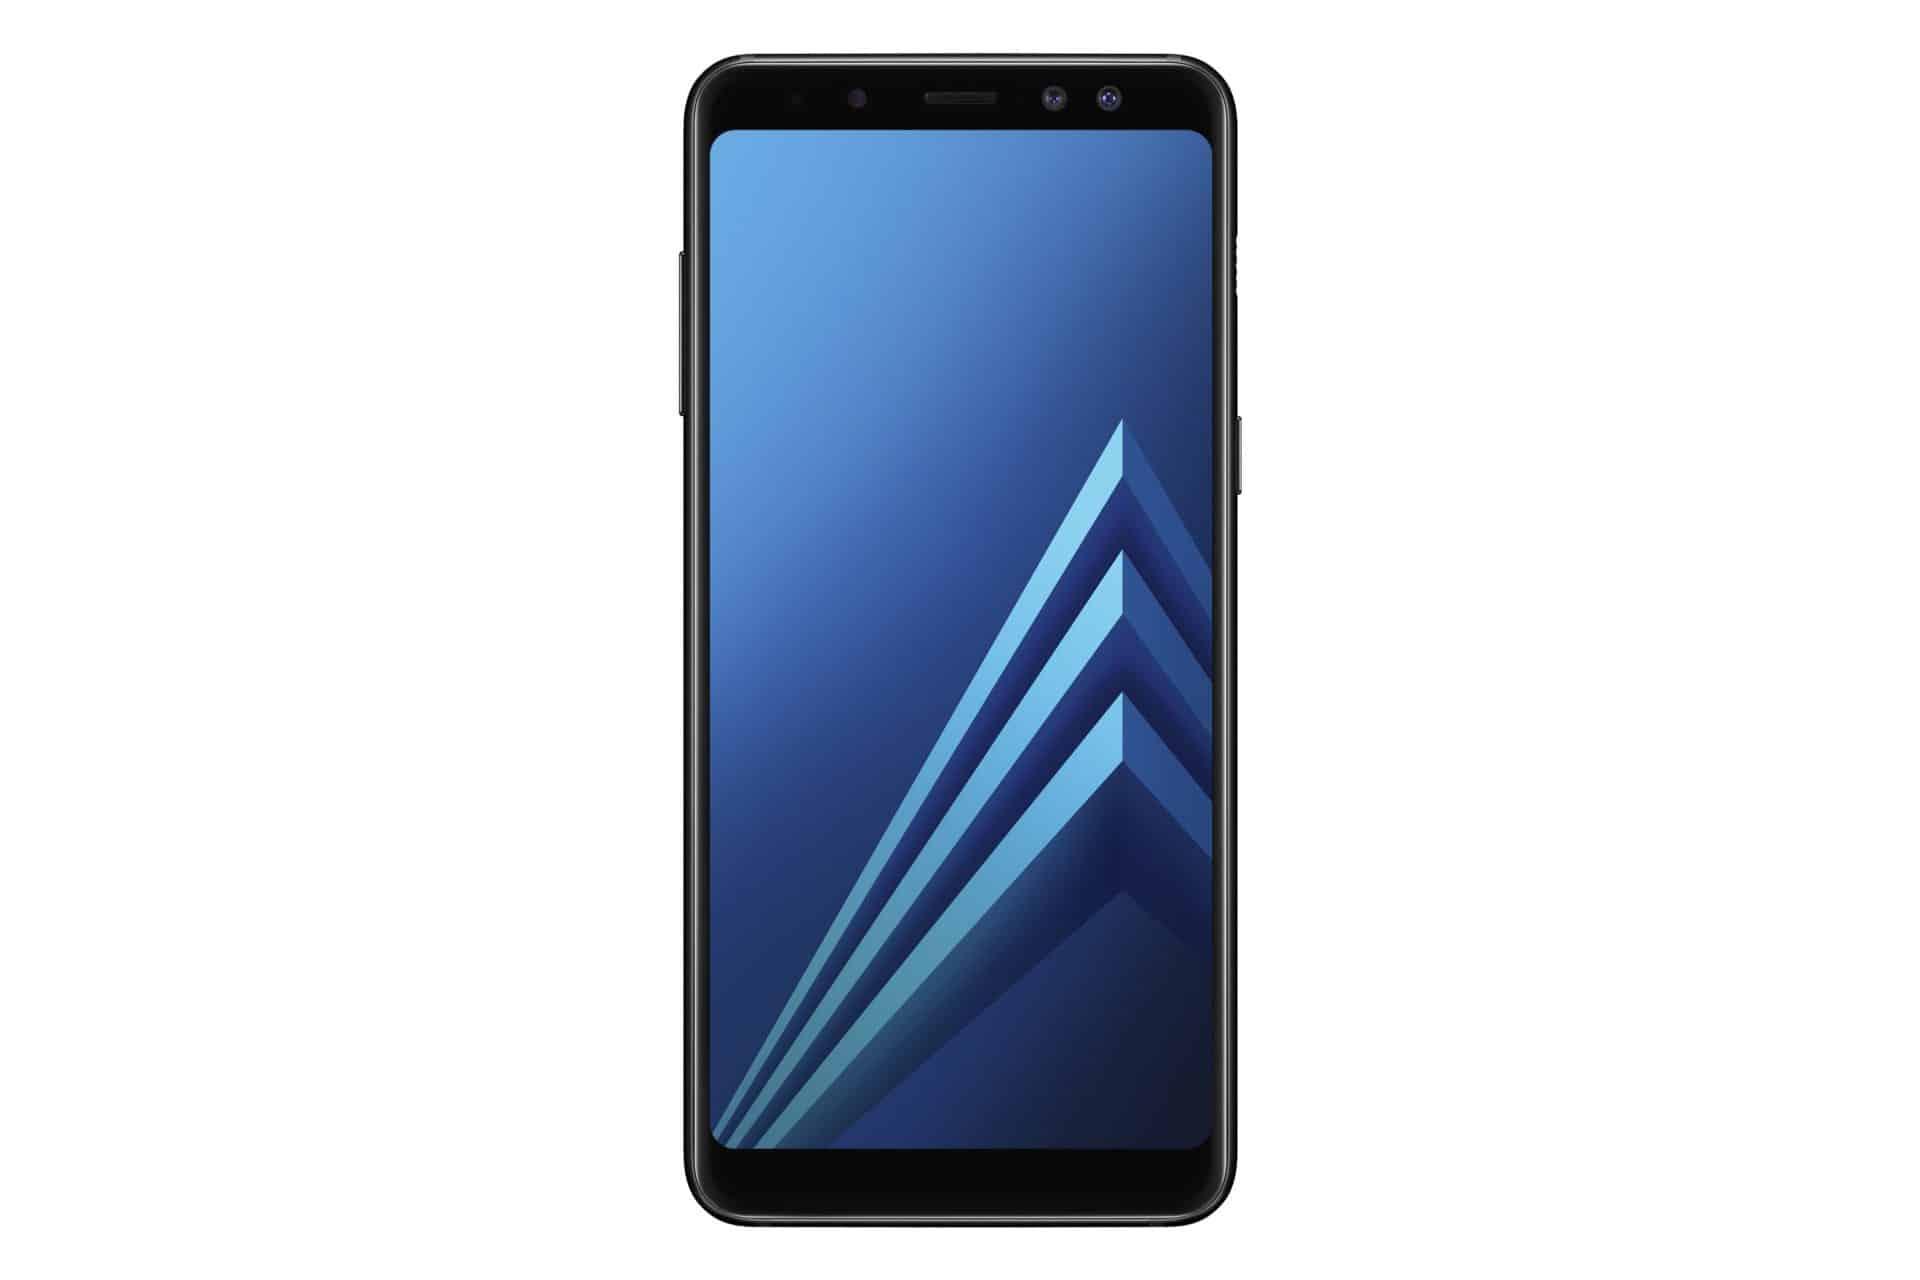 Praktická a stylová řada chytrých telefonů: Samsung Galaxy A8